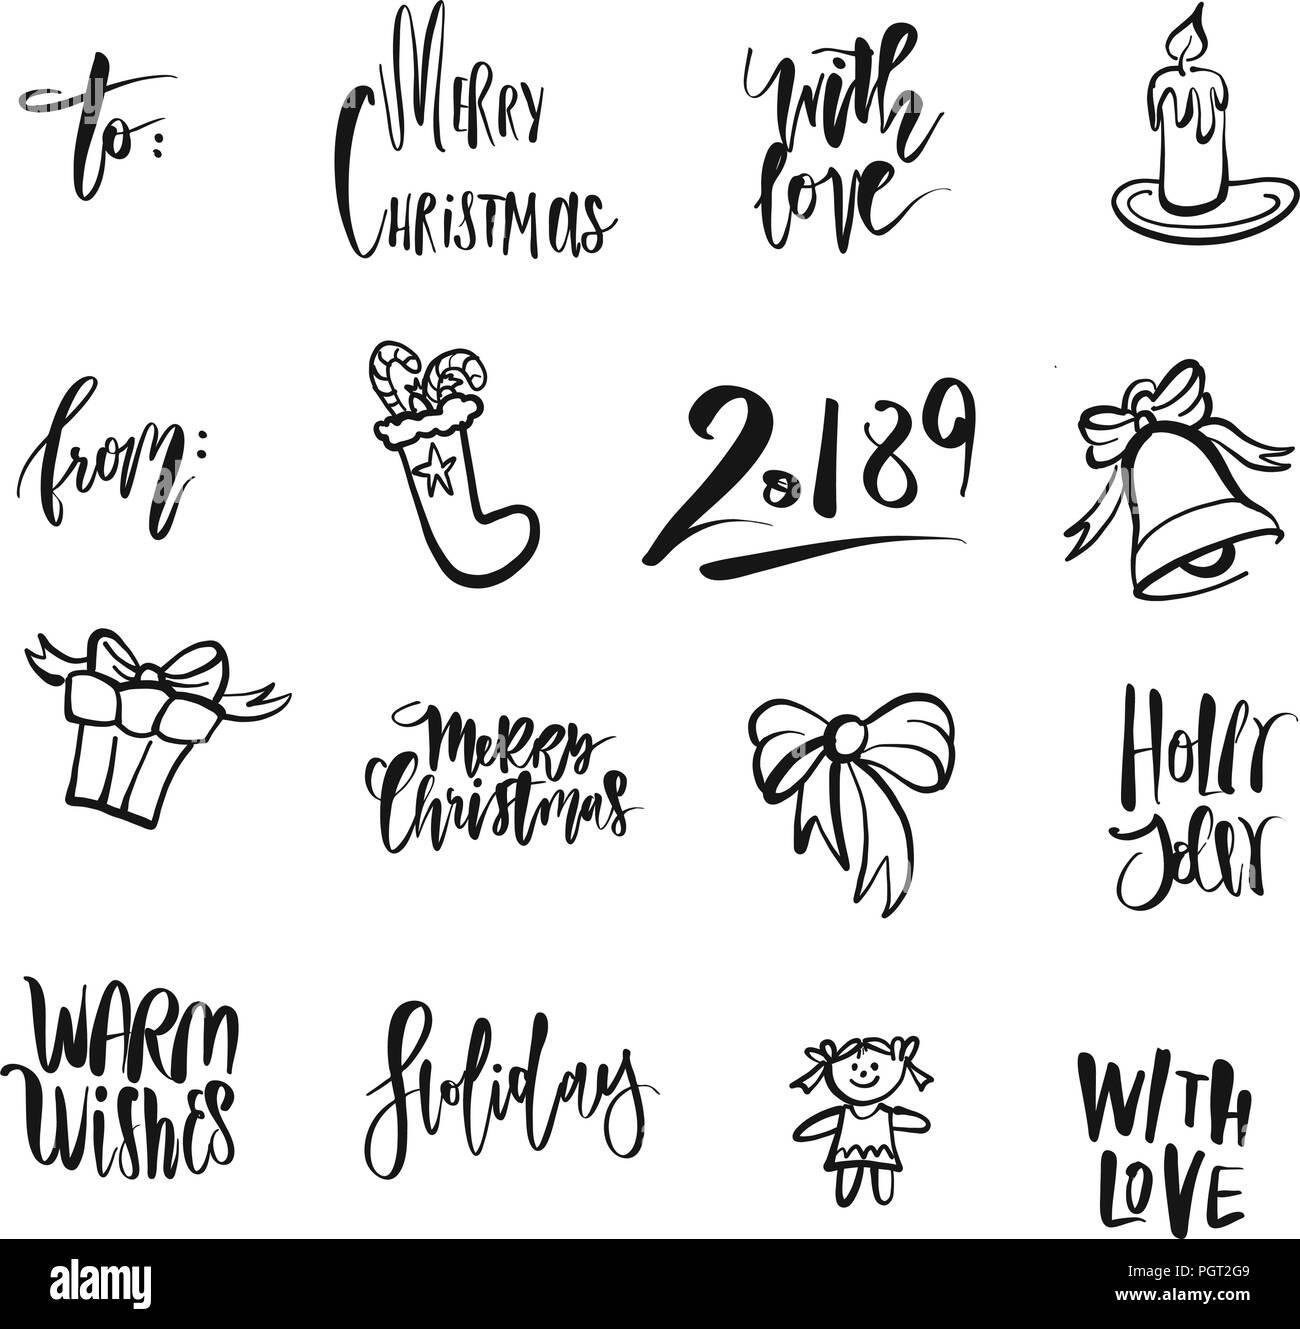 Christmas Icons And Words Nice Seasonal Calligraphic Artwork For